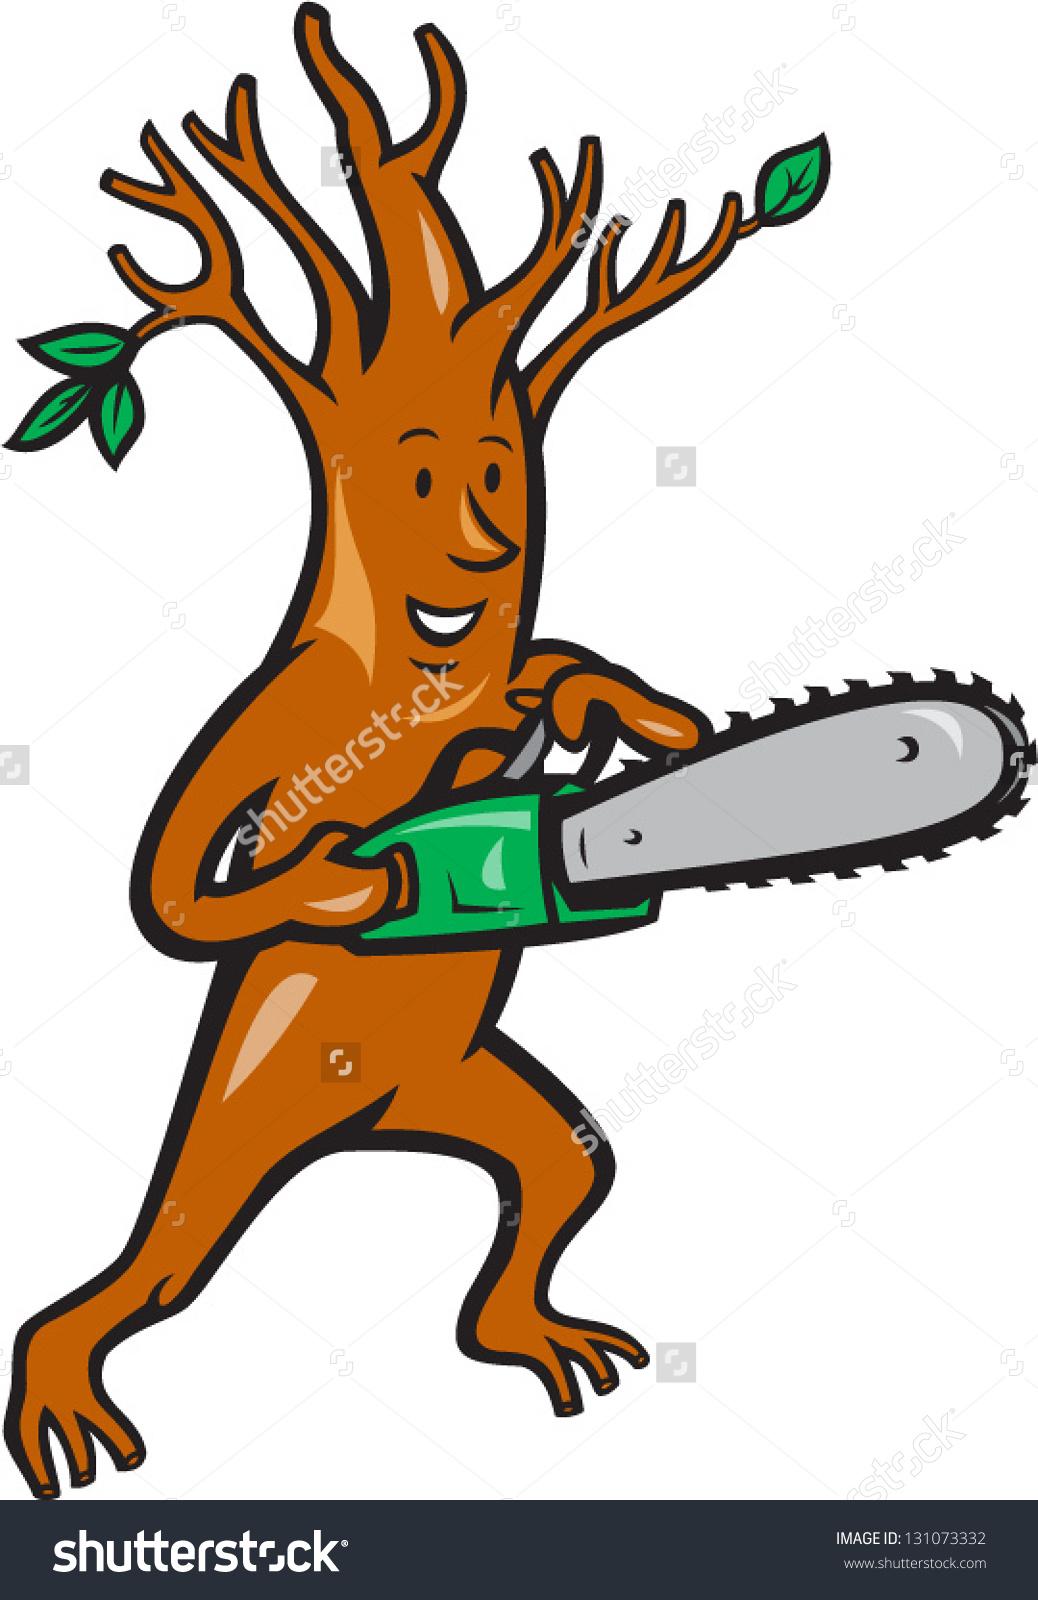 Treeman coloring #4, Download drawings